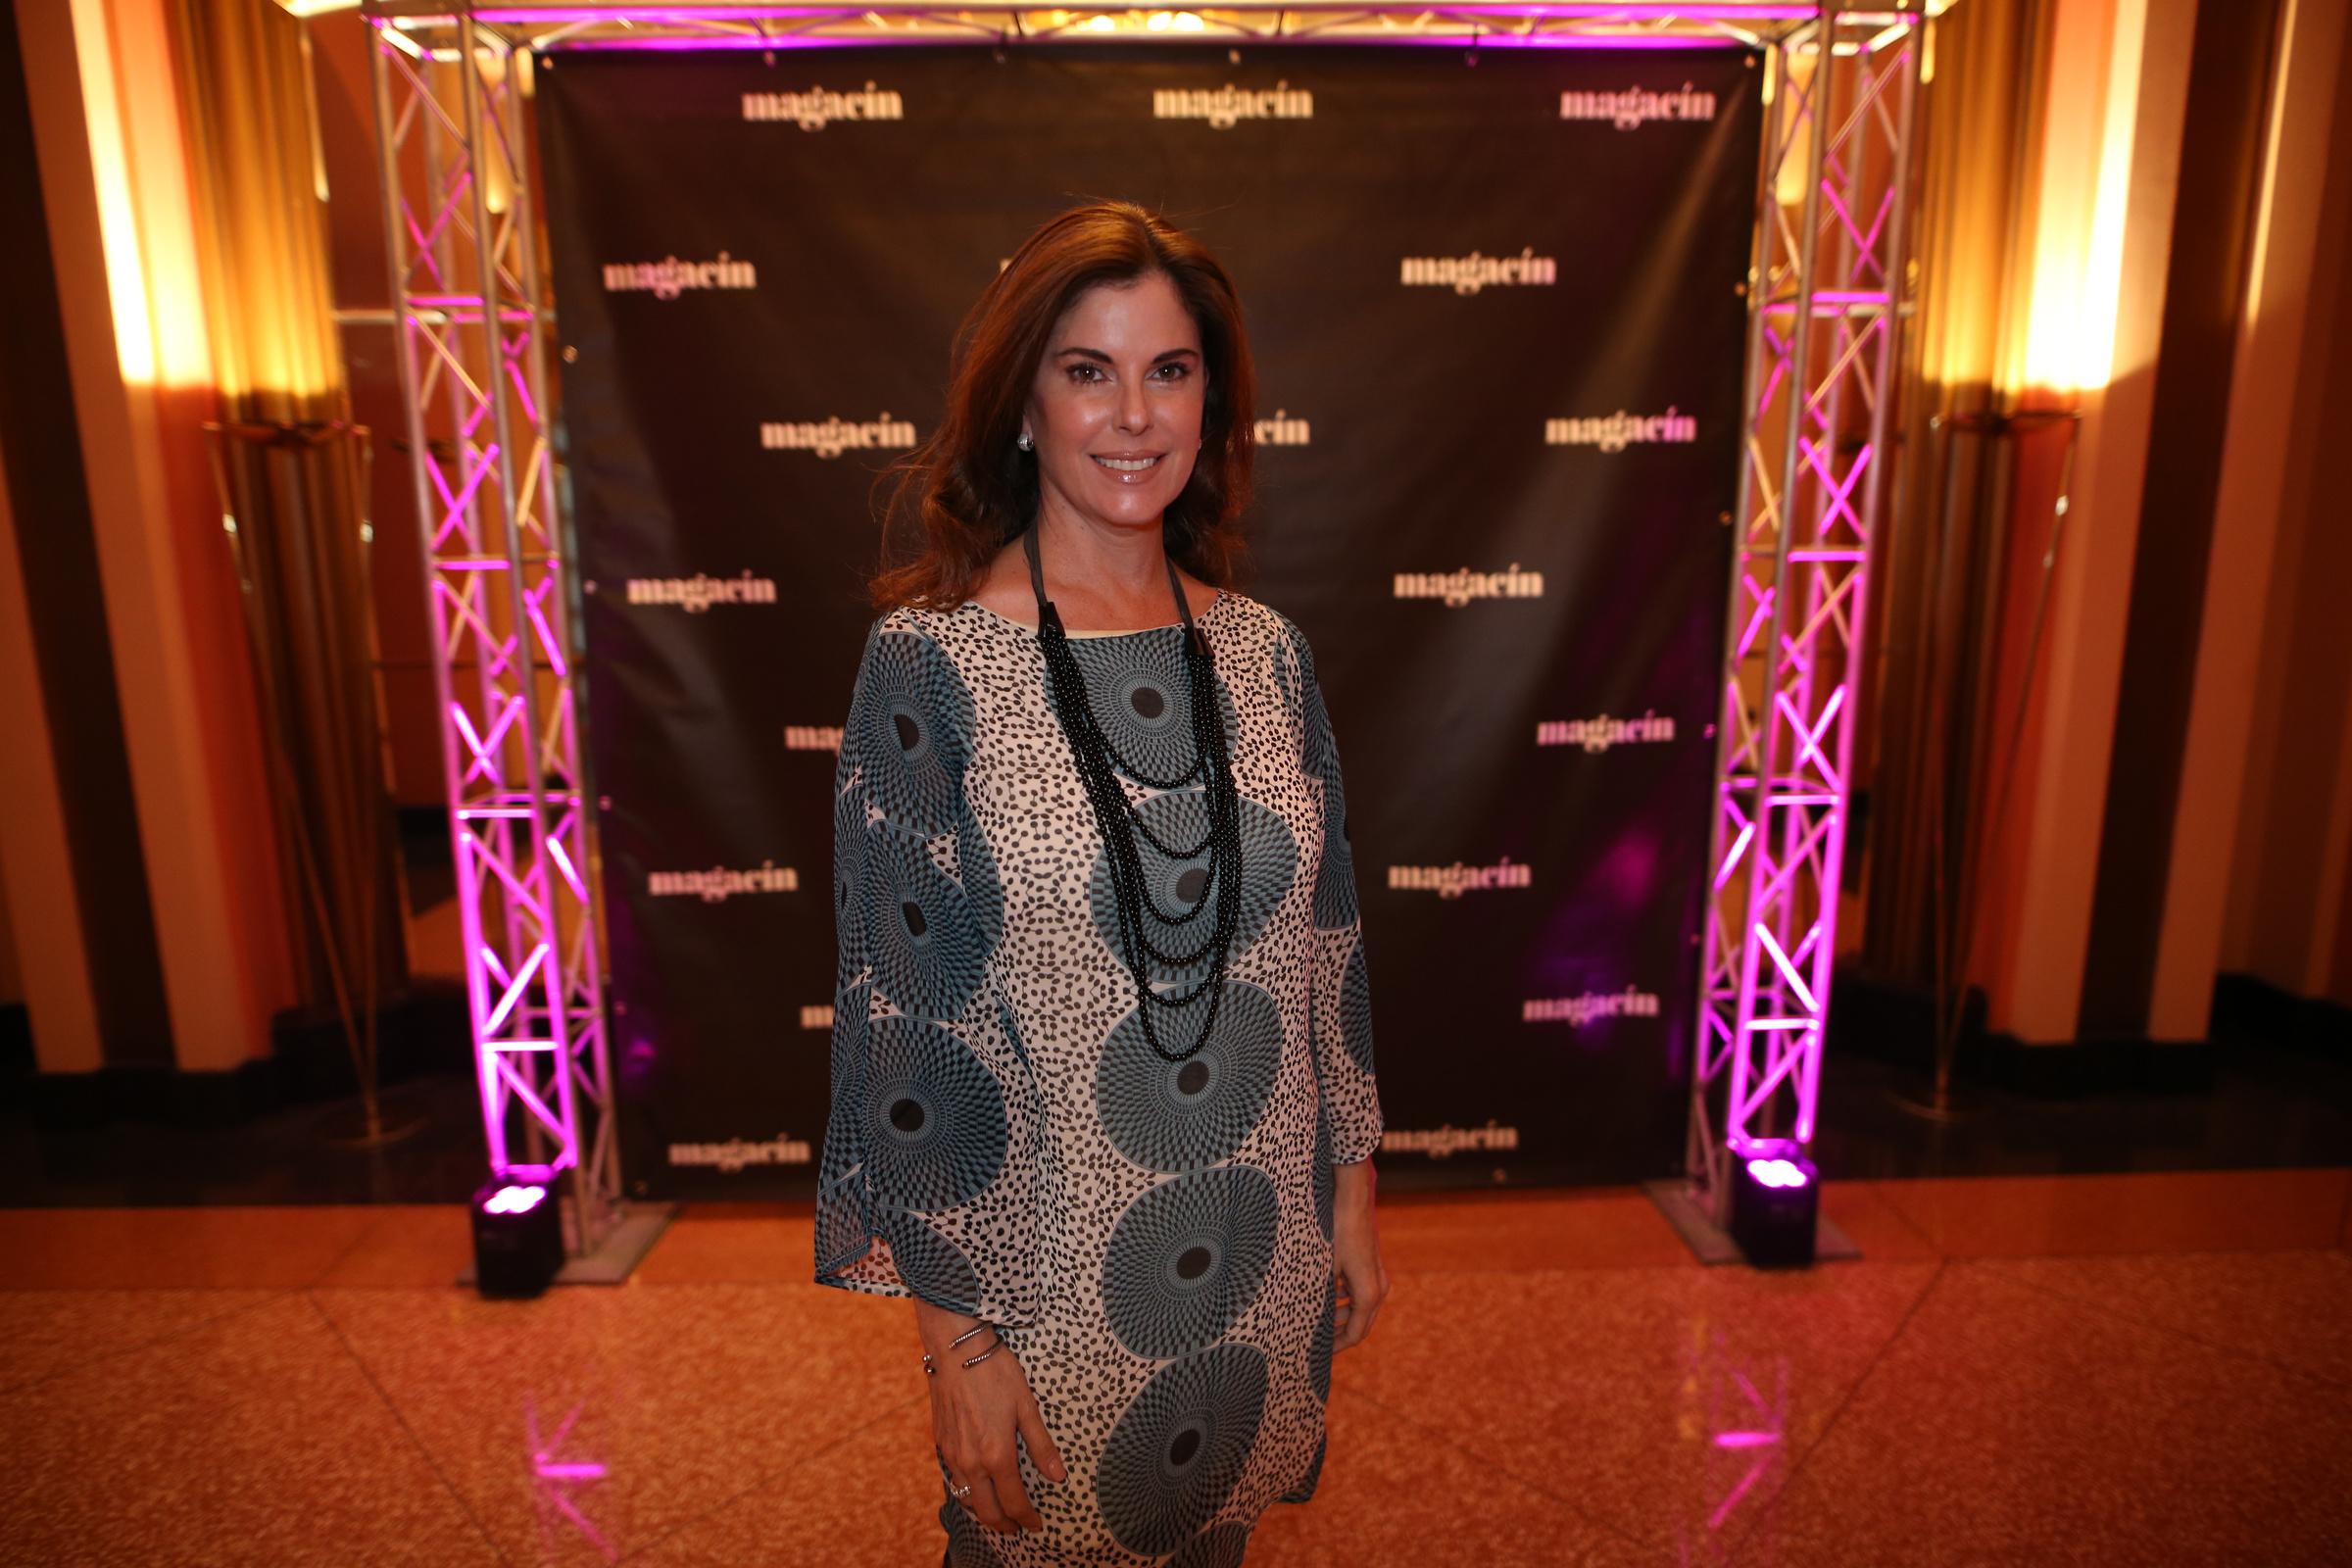 Ana Rosa Brito, gerente de Publicidad de Claro Puerto Rico  (david.villafane@gfrmedia.com)